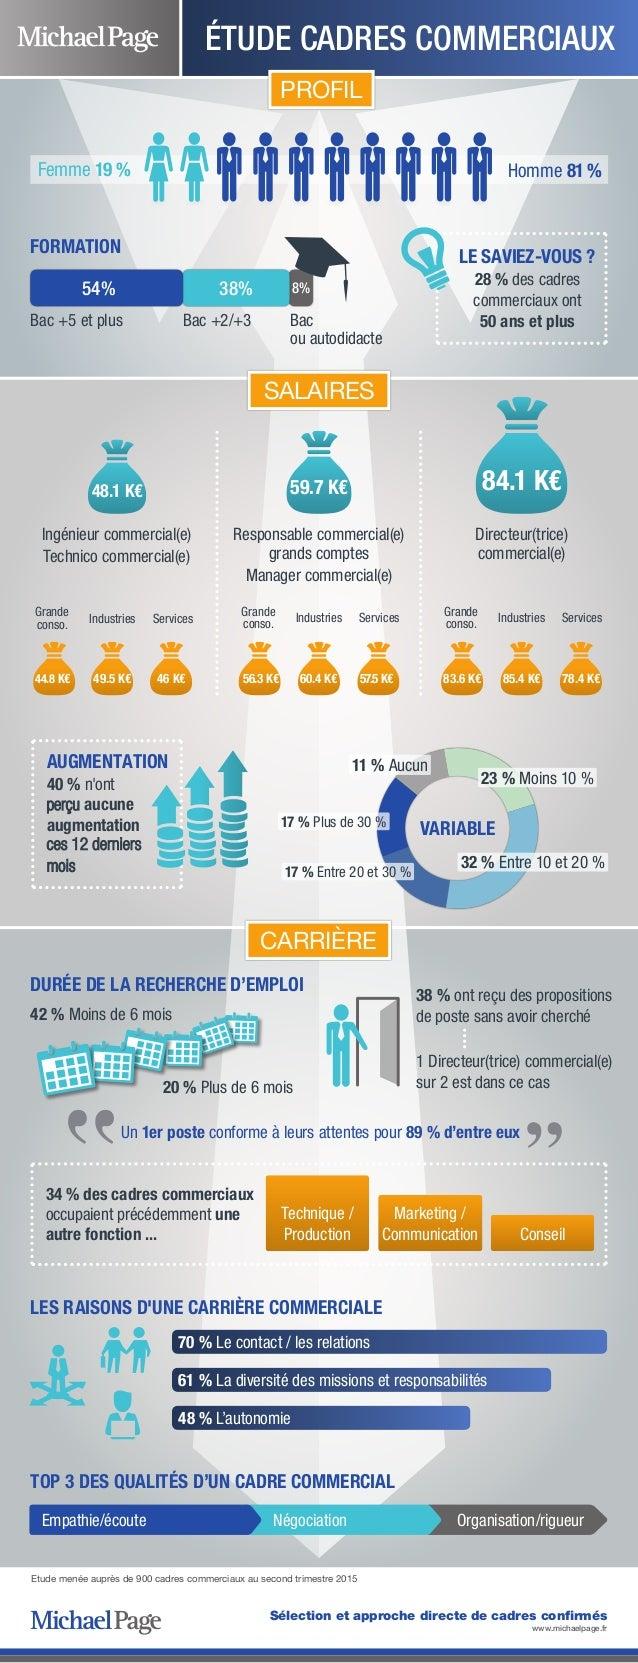 Sélection et approche directe de cadres confirmés www.michaelpage.fr 34 % des cadres commerciaux occupaient précédemment u...